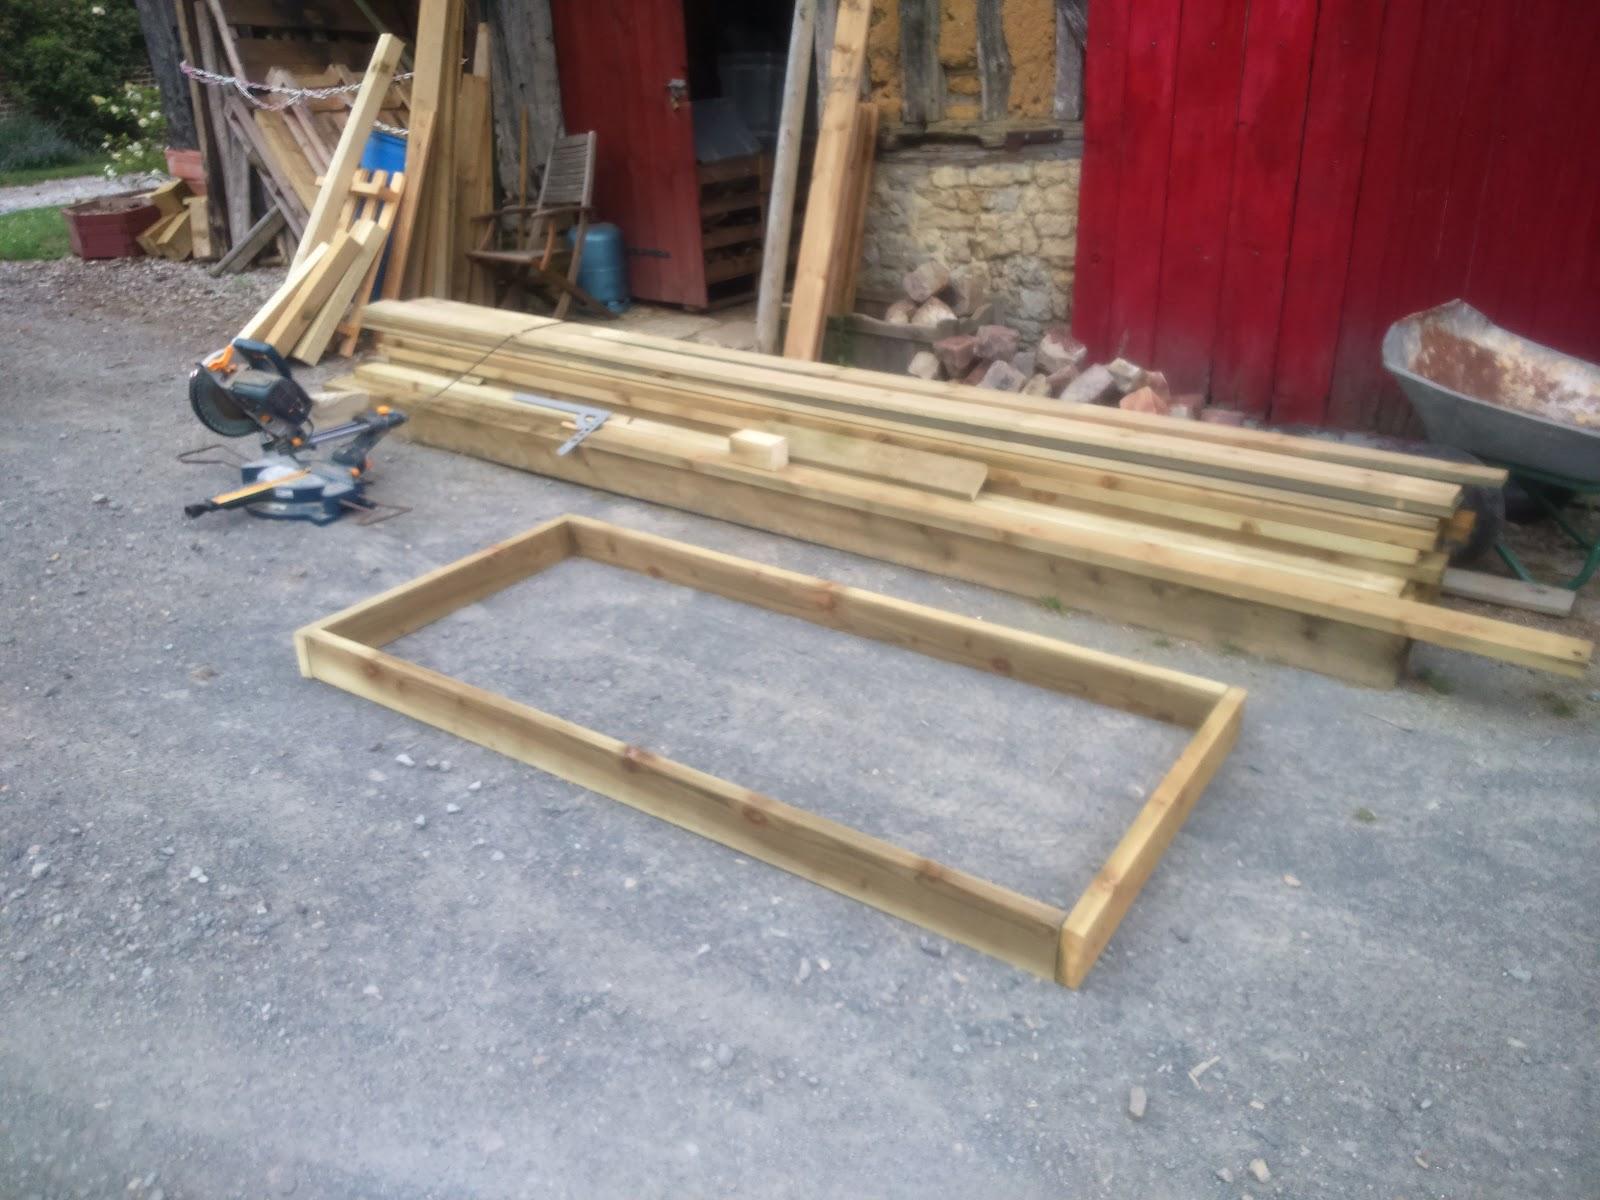 Fabriquer son salon de jardin en bois for Plan de construction table de jardin en bois